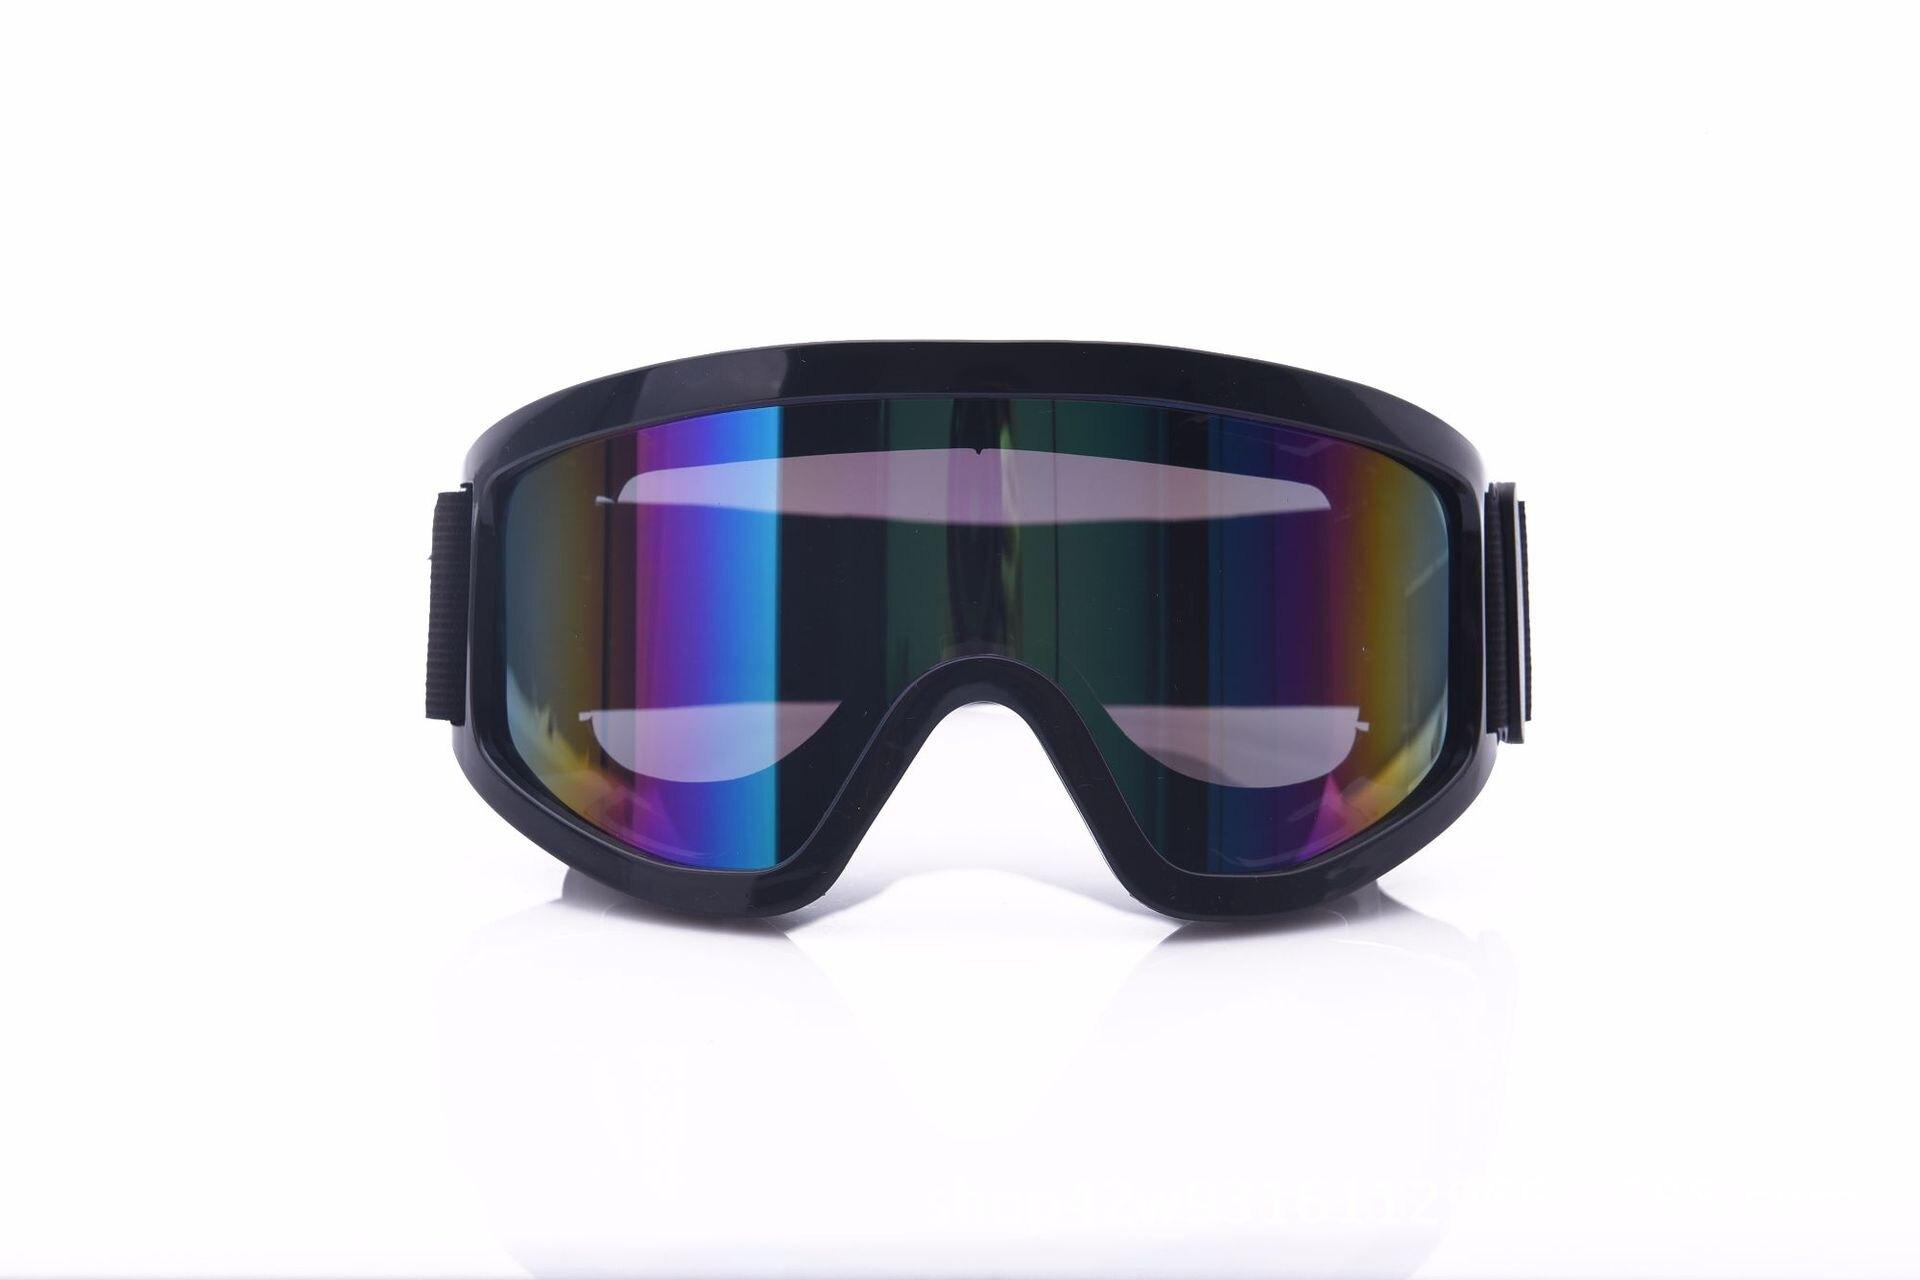 強化片運動護目鏡防uv防強光防塵防風沙防沖擊防飛濺滑雪防護眼鏡